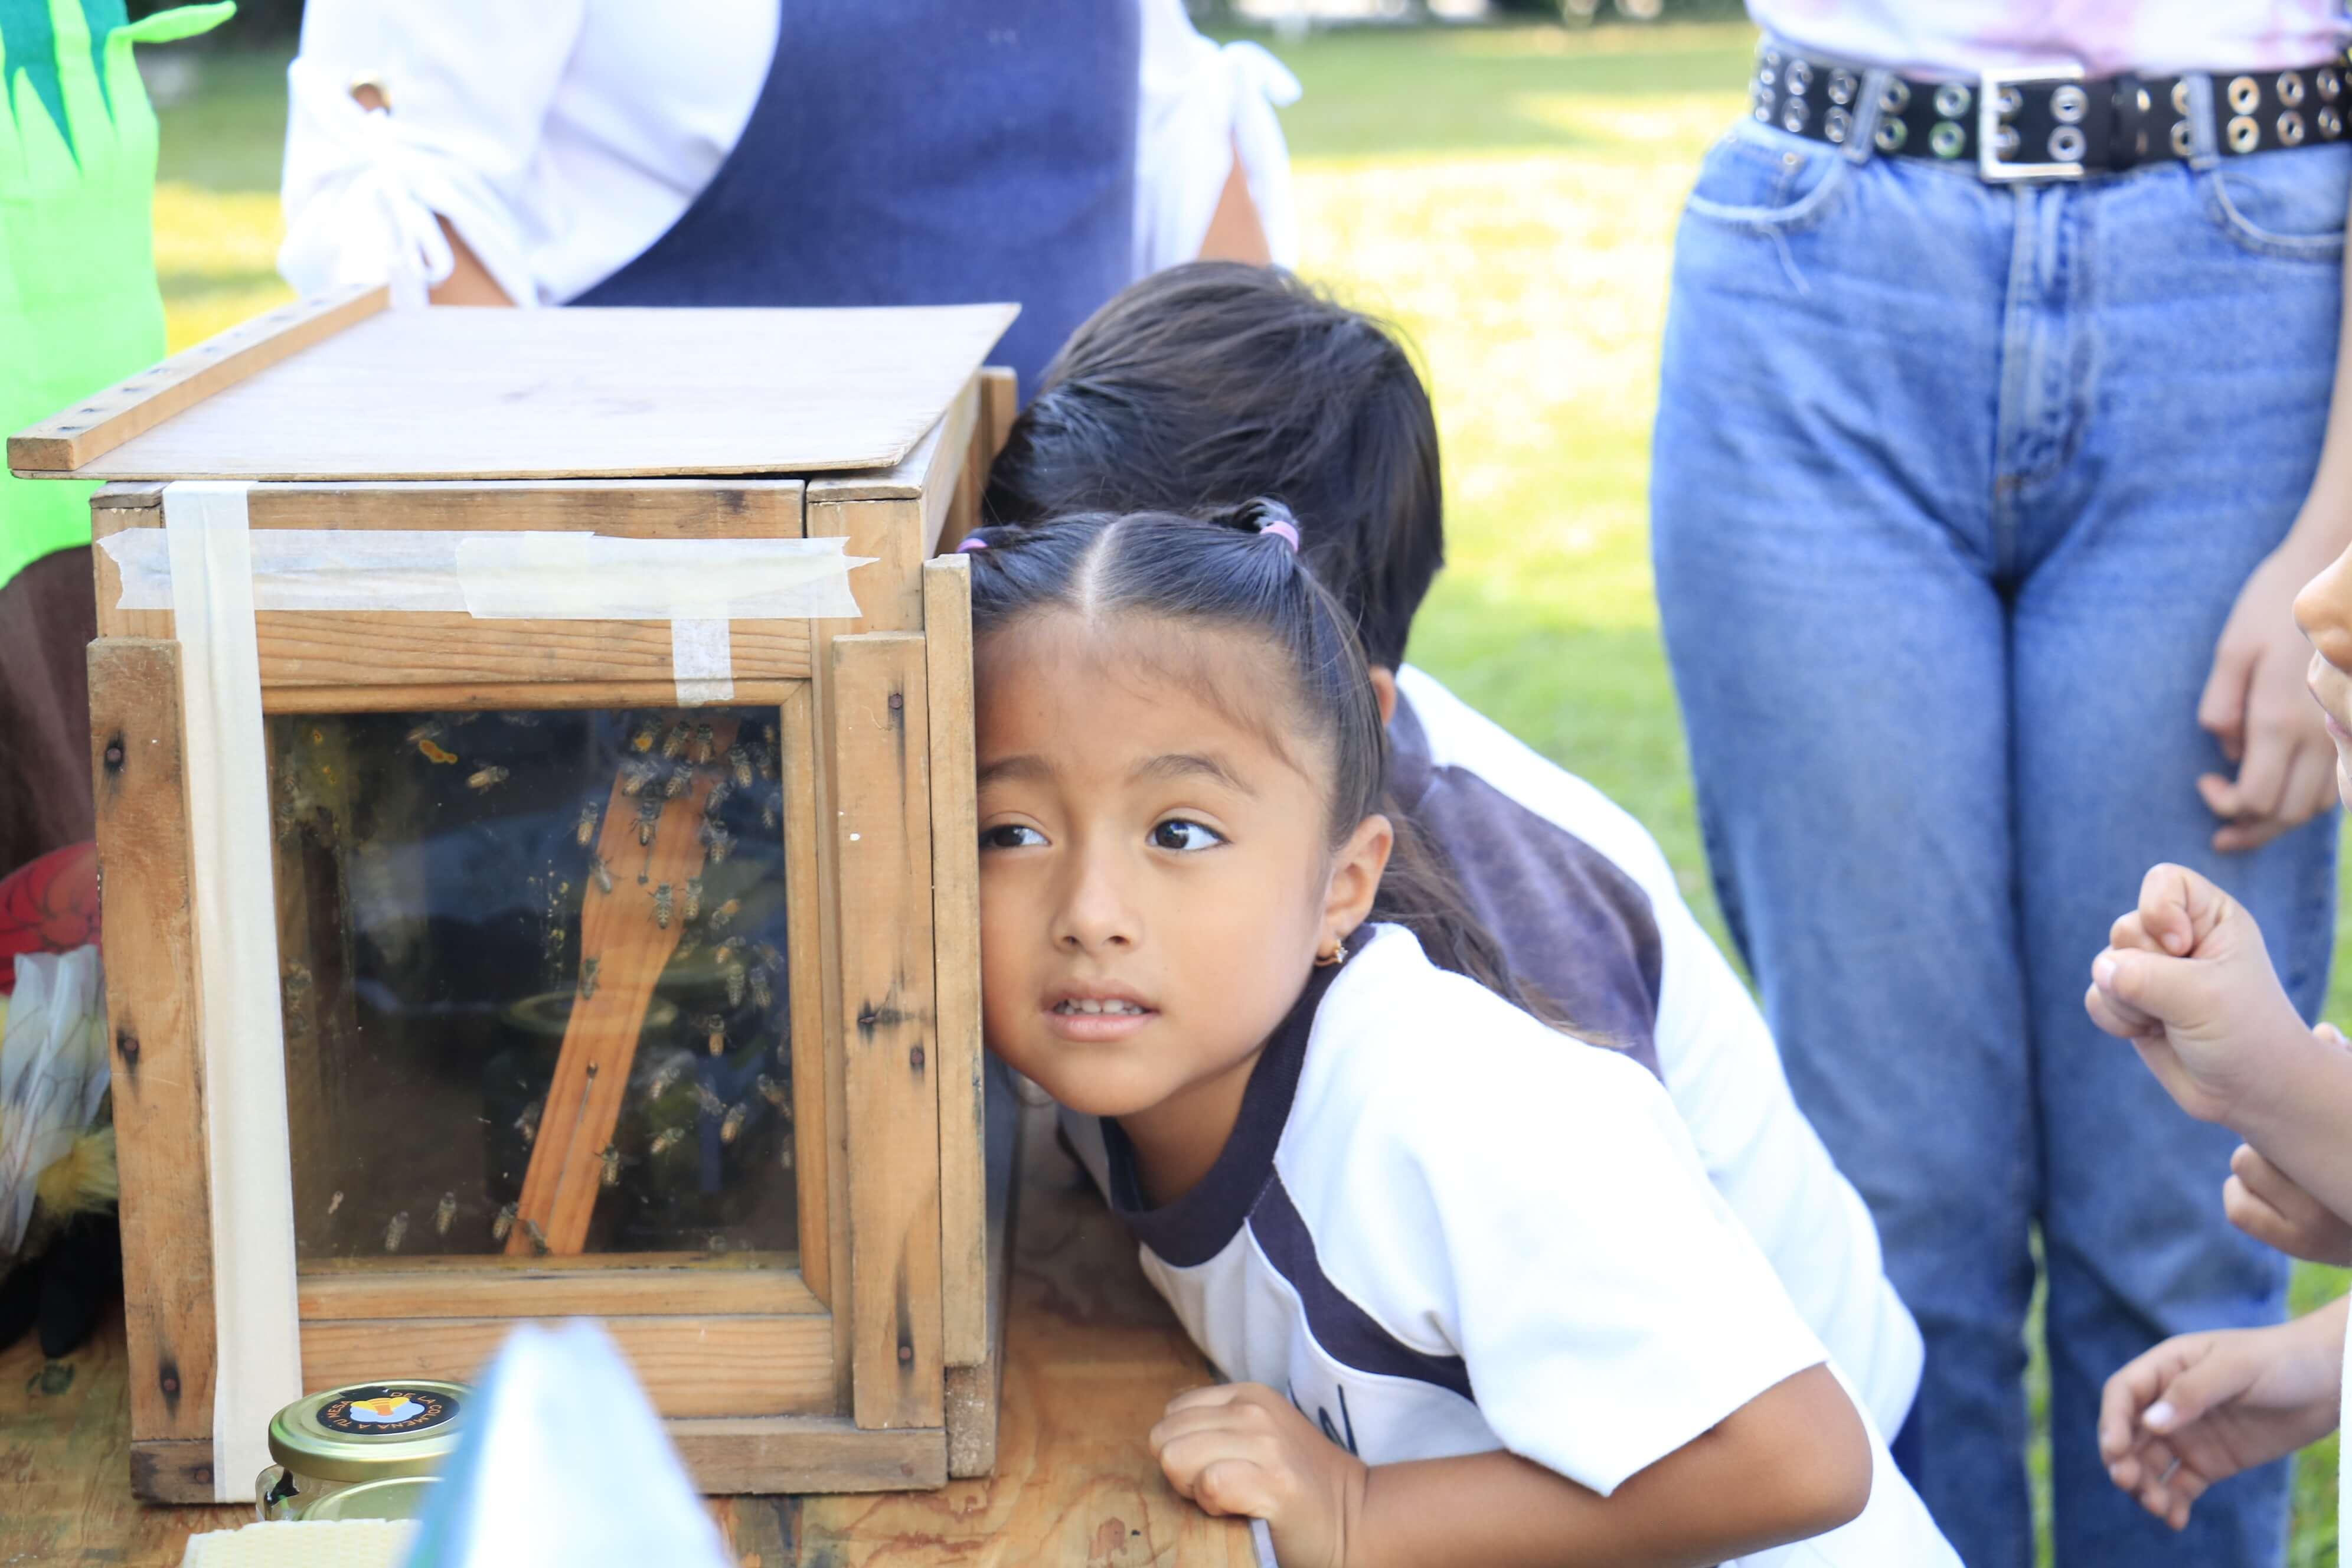 Blog-Imagen-como-funciona-bachillerato-internacional-preescolar-programa-pep-Colegio-Williams-Cuernavaca-Ago20-V1